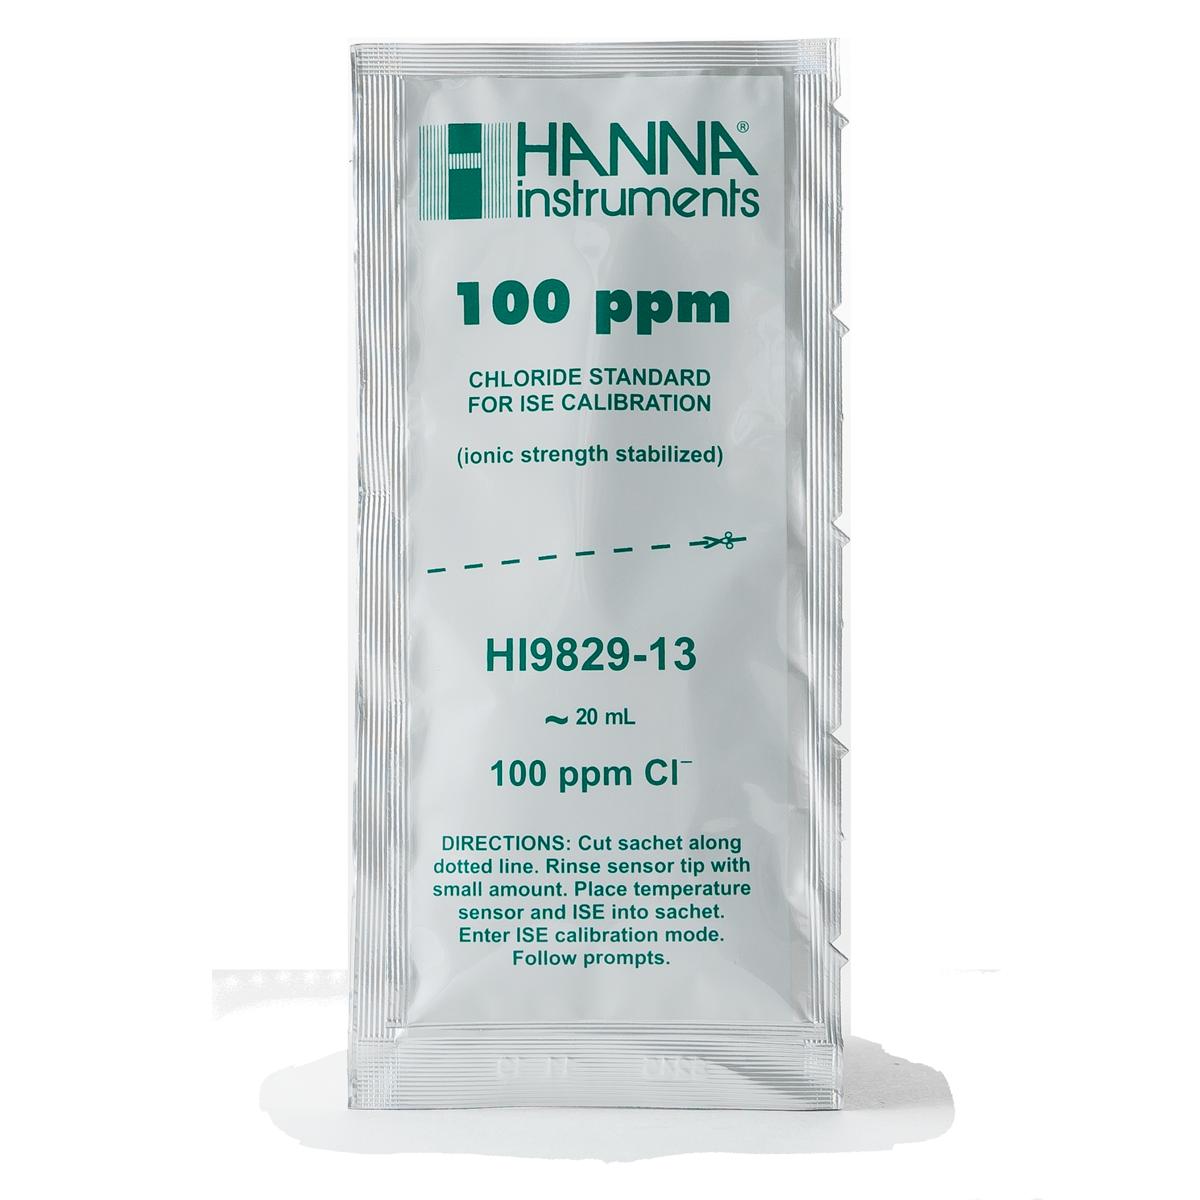 Soluzione standard 100 ppm cloruri in bustina per HI9829 (25 x 25 mL) - HI9829-13